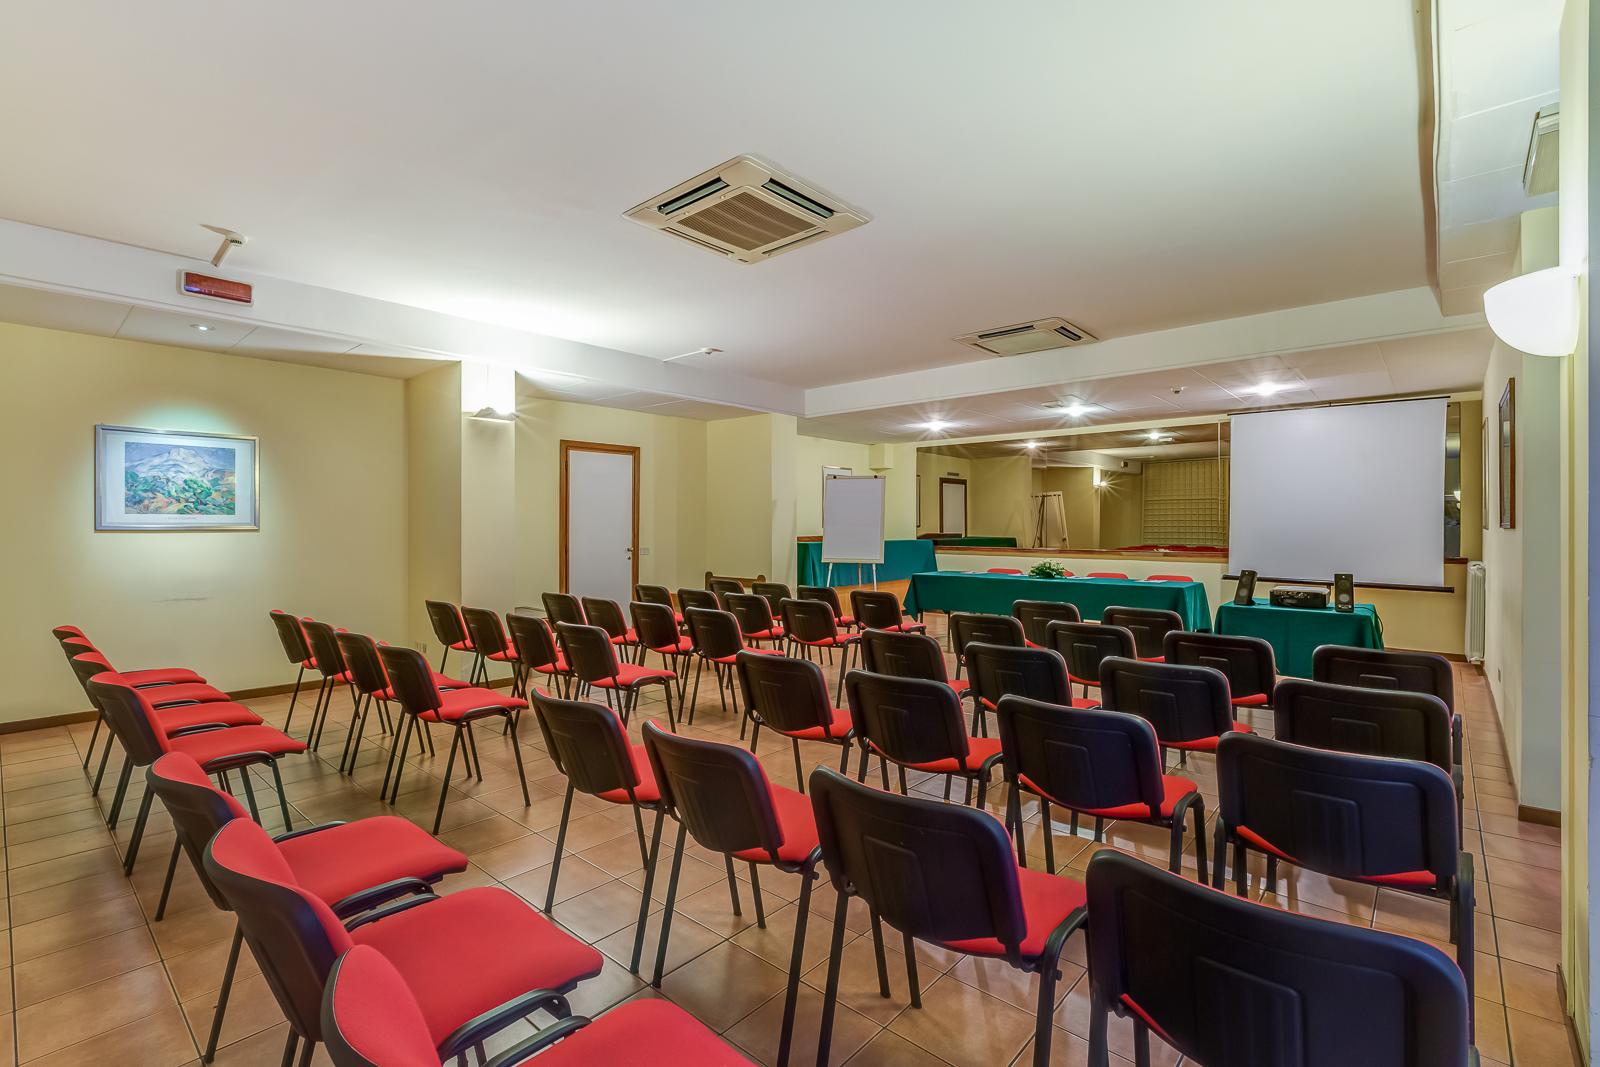 Convenzione hotel giardino d 39 europa - Hotel giardino d europa roma rm ...